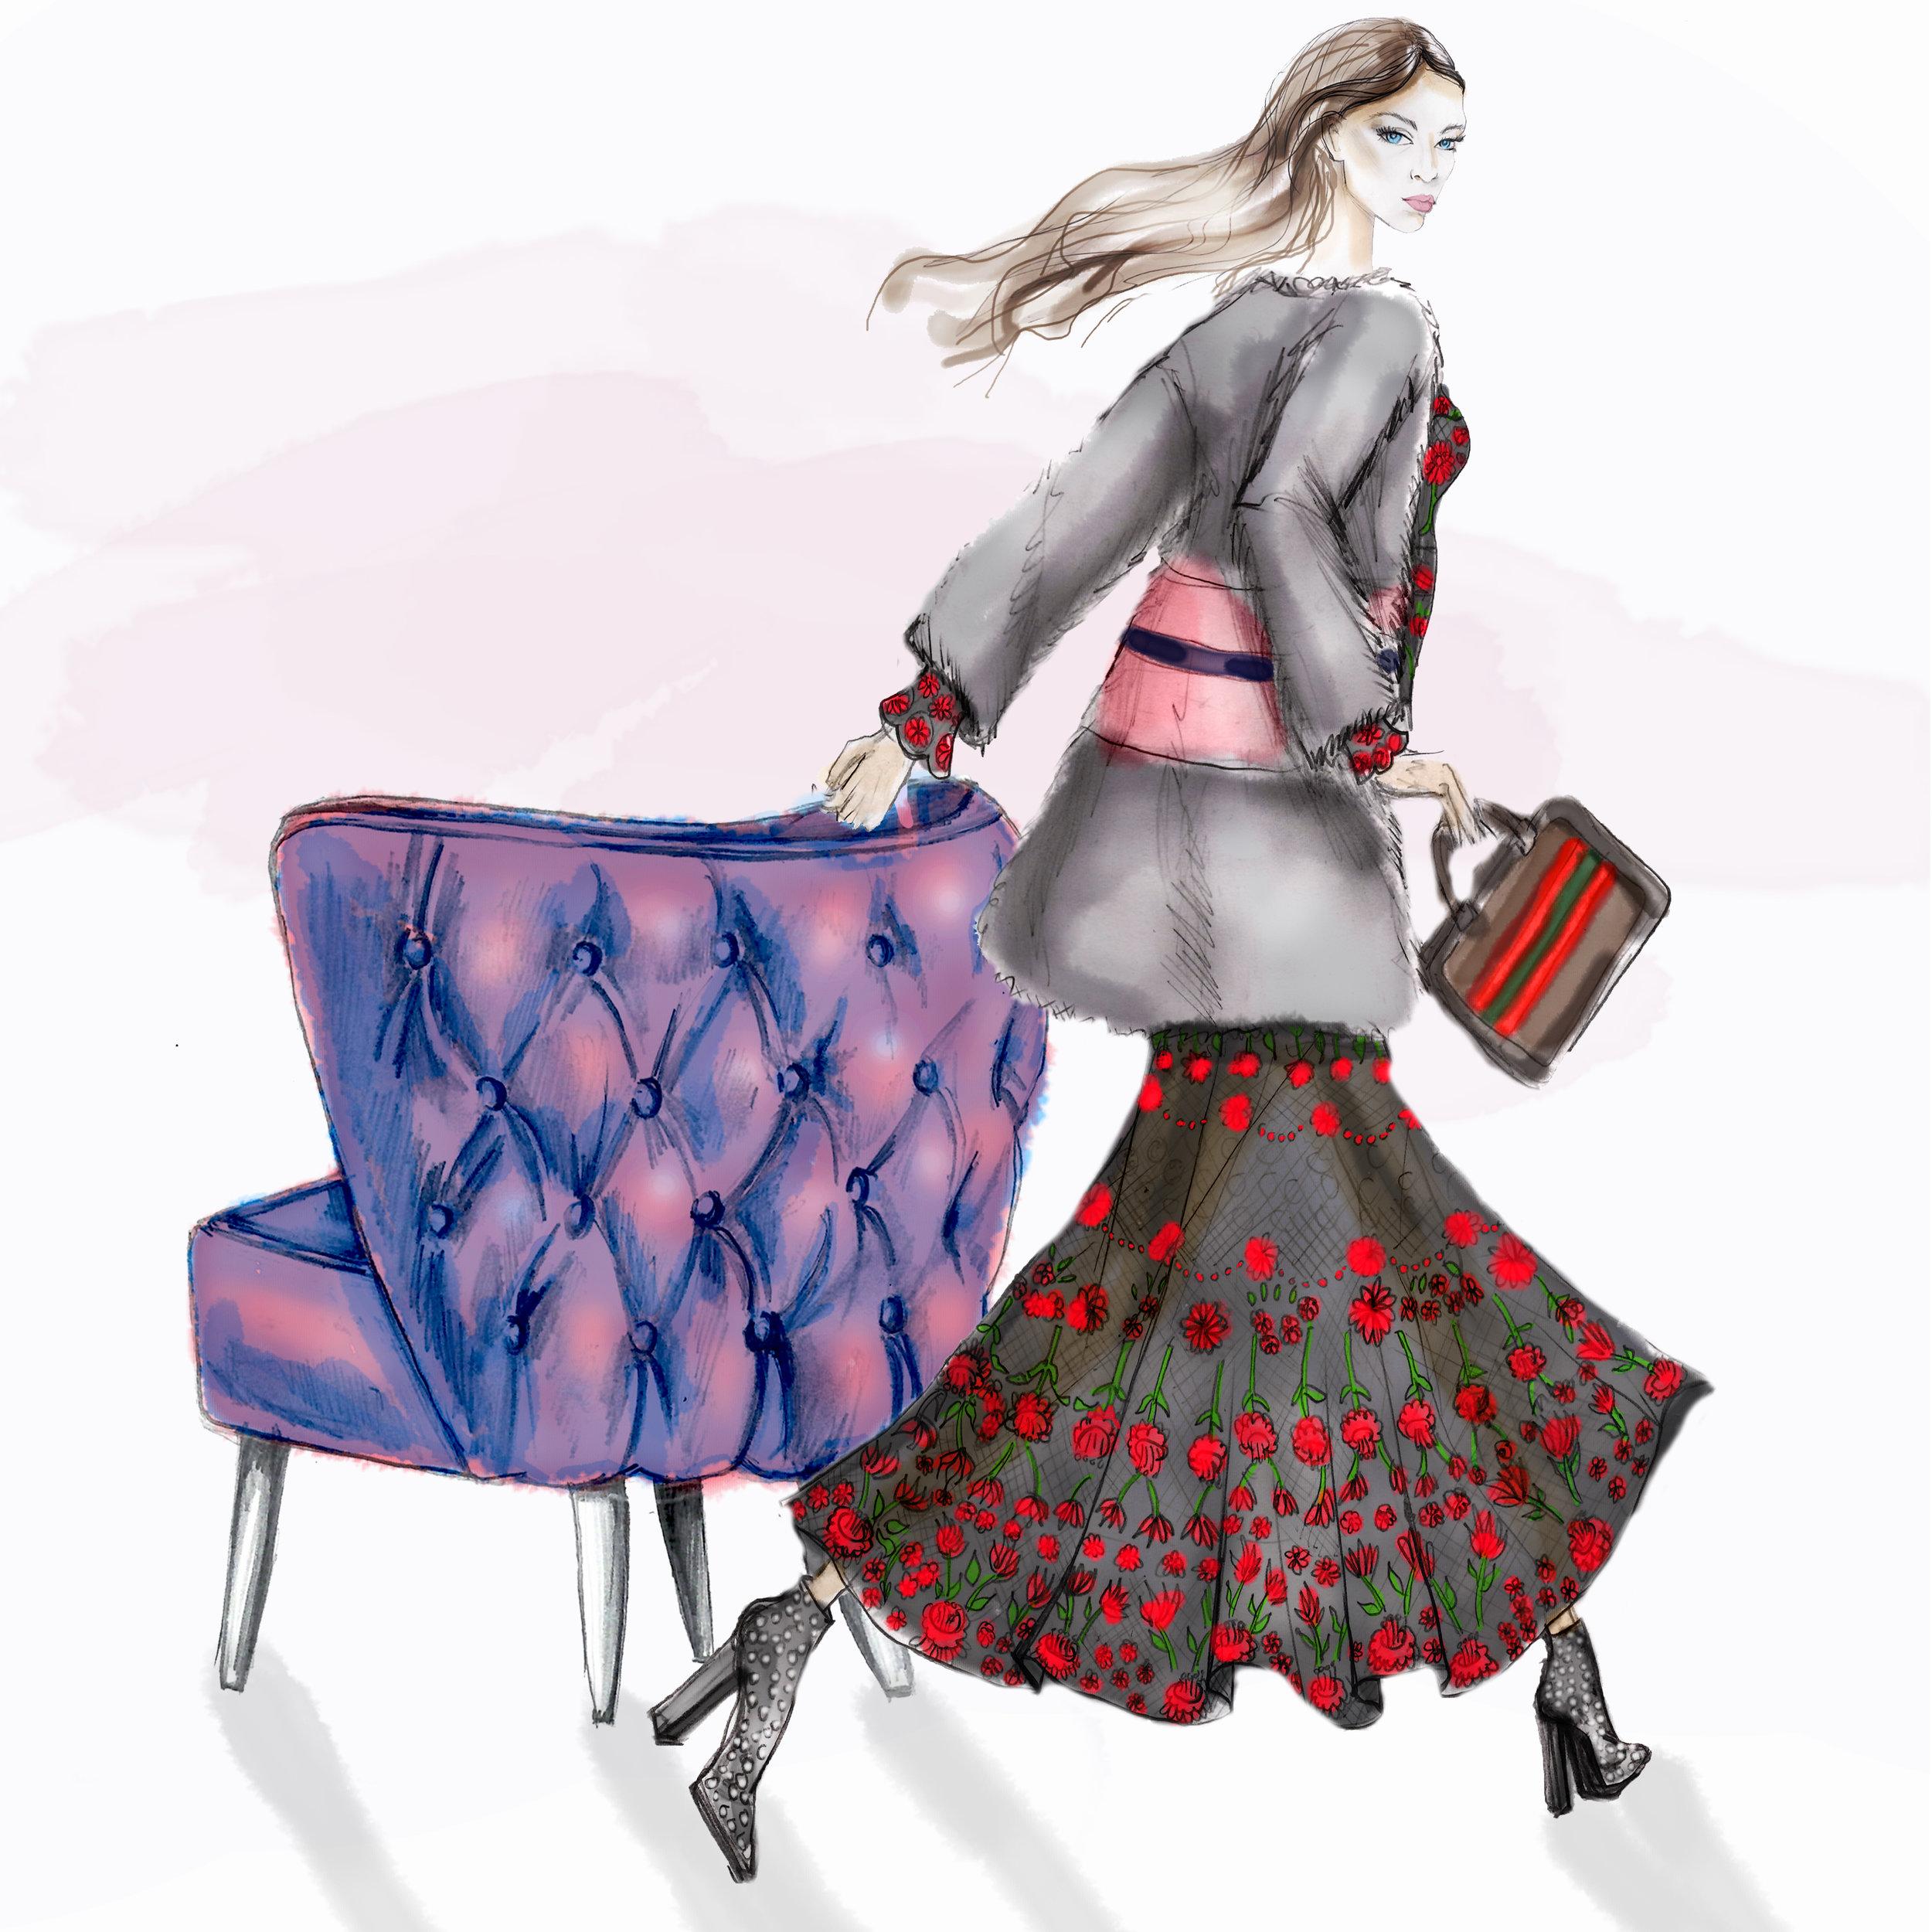 lavender velvet cocktail chair lynda sparshatt .jpg